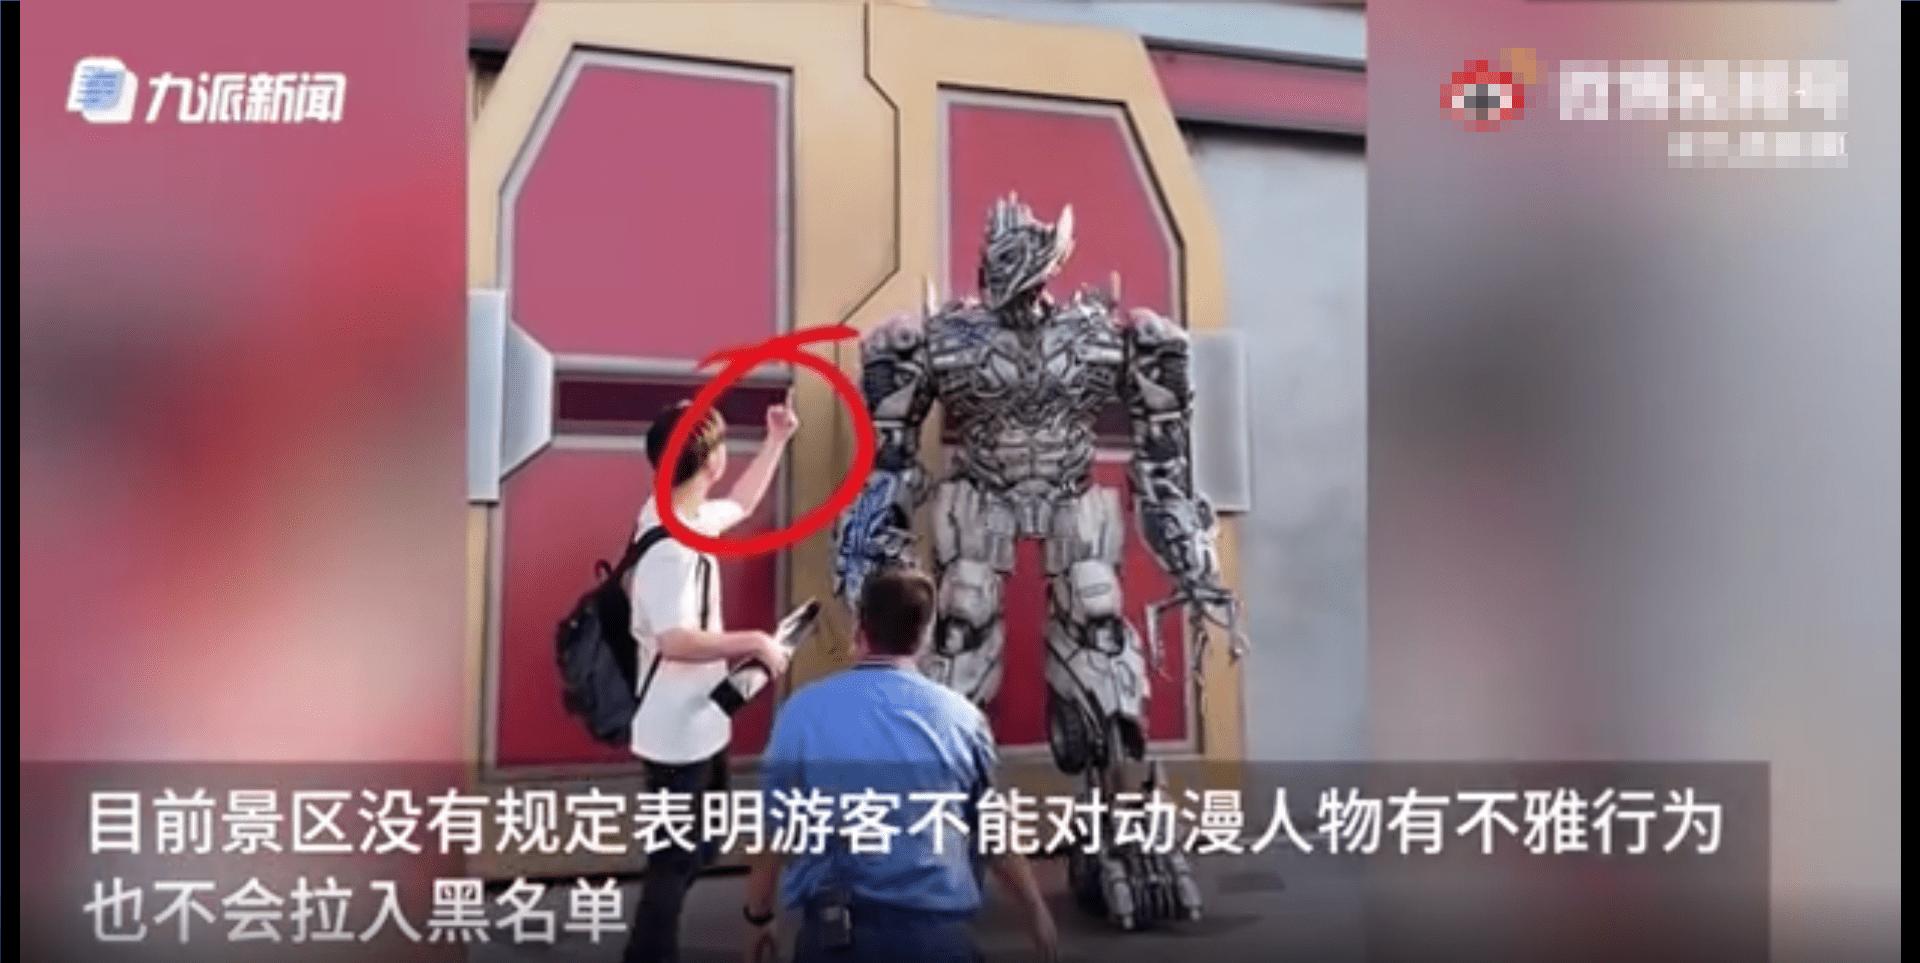 北京环球影城回应游客对威震天竖中指:会及时进行制止